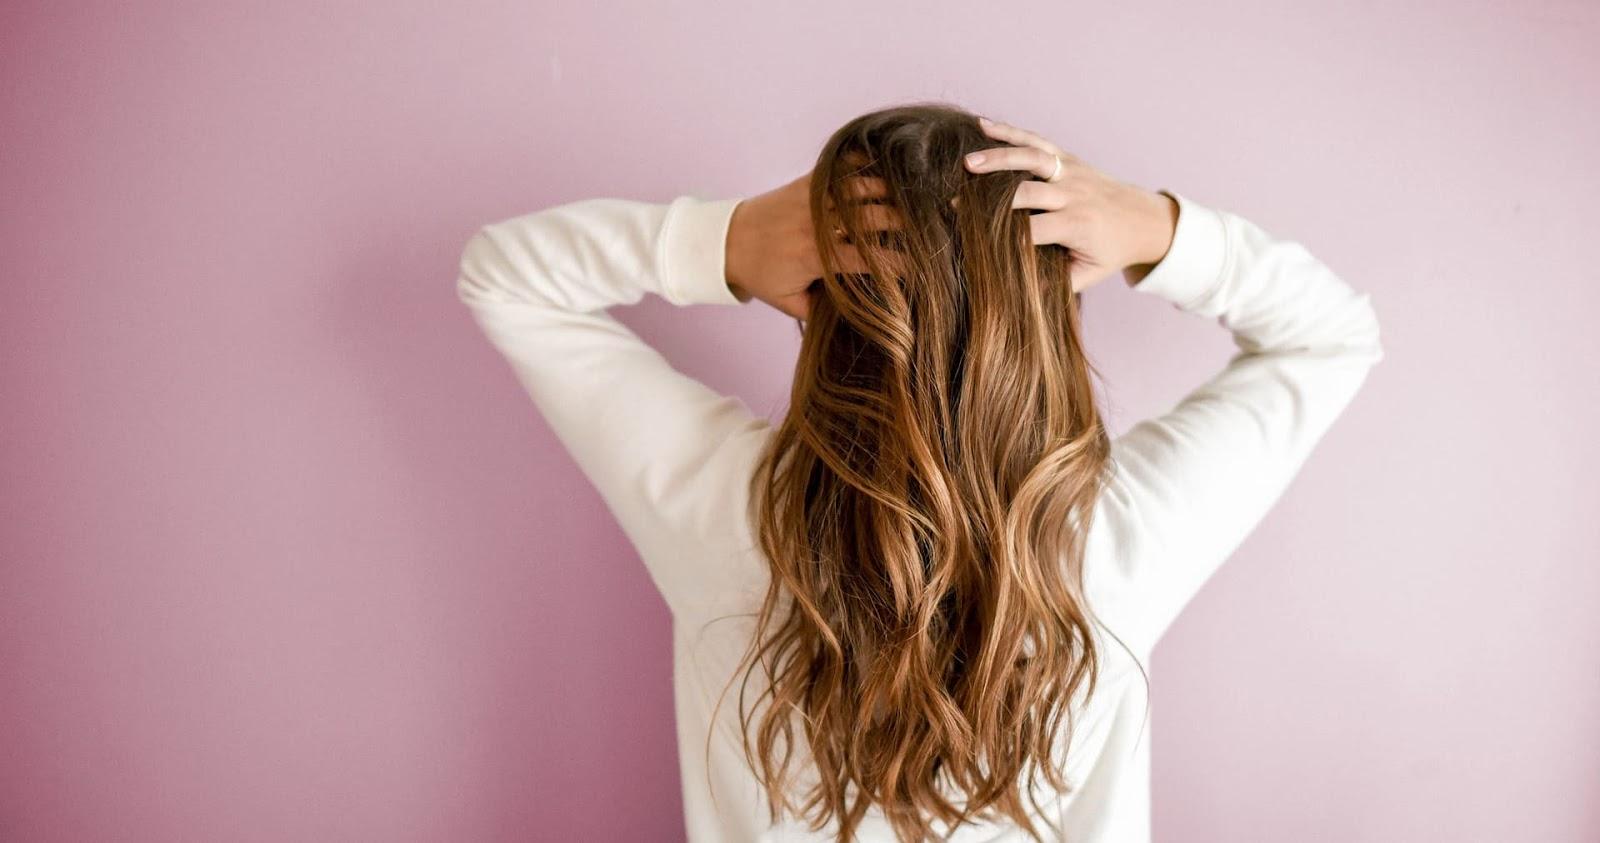 اروع الوصفات لتطويل الشعر عليك معرفتها